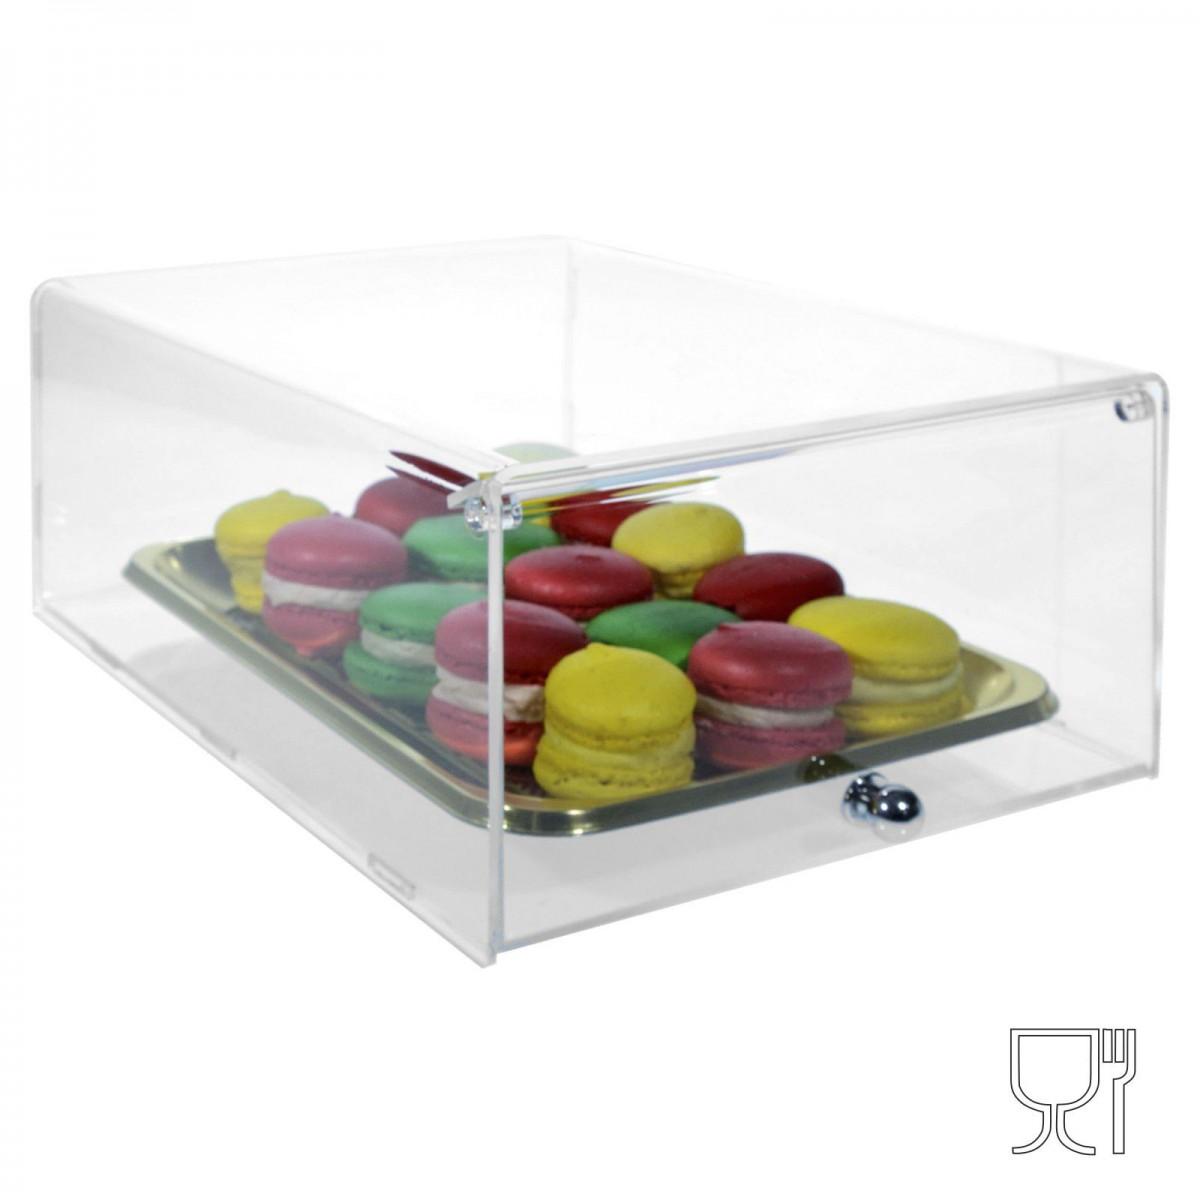 E-271 VET - Vetrinetta in plexiglass trasparente da banco a protezione degli alimenti - Misure: 22 x 31 x H12 cm